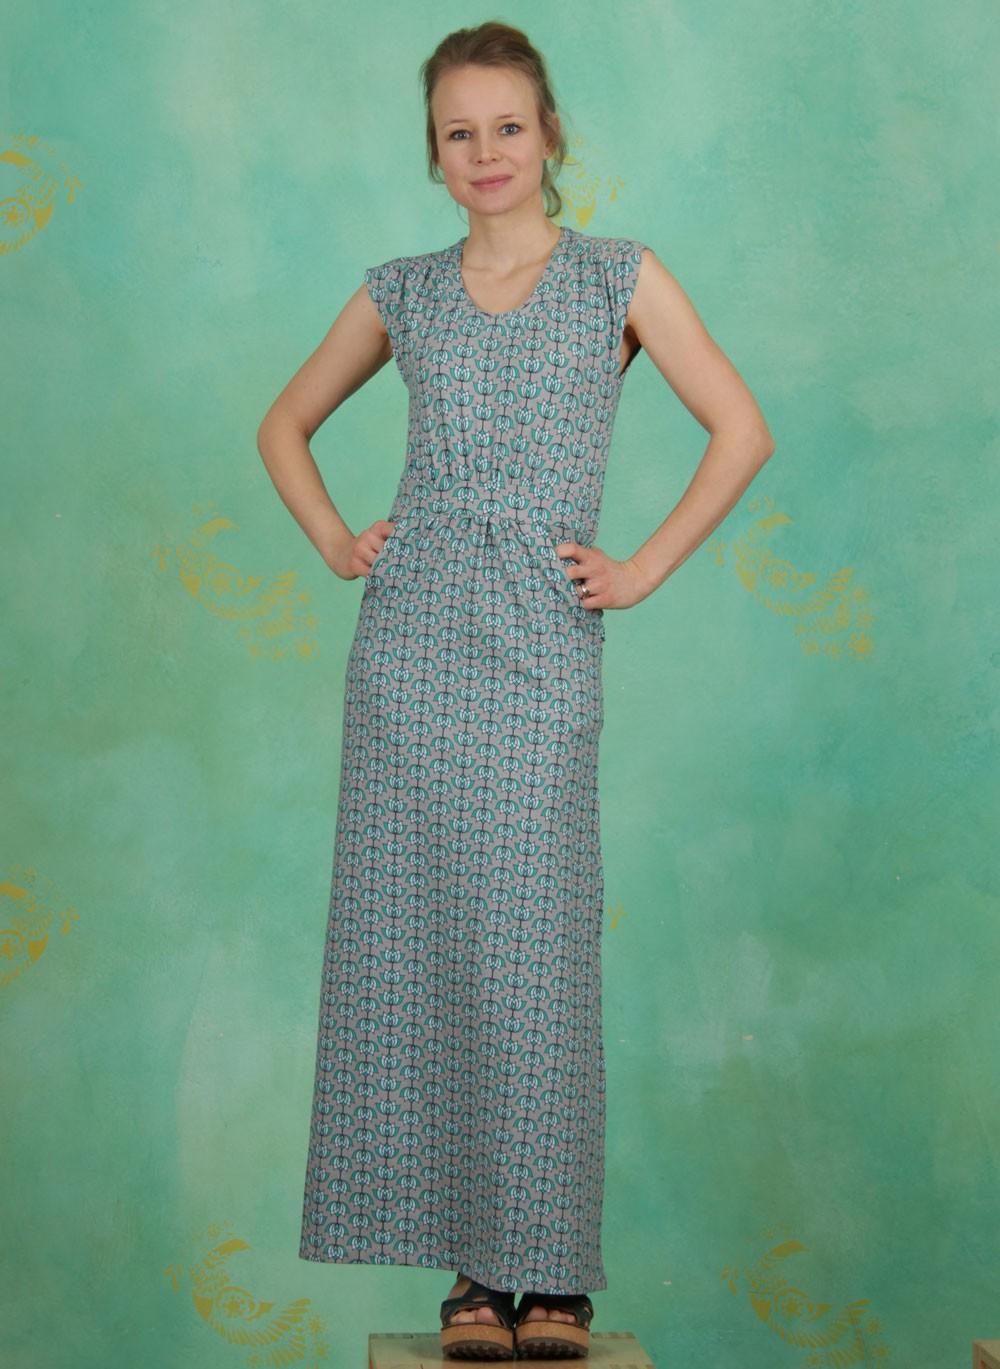 Tranquillo - Frühling - Kleid, Denise, grey - ey Linda Online Shop c7771803b3